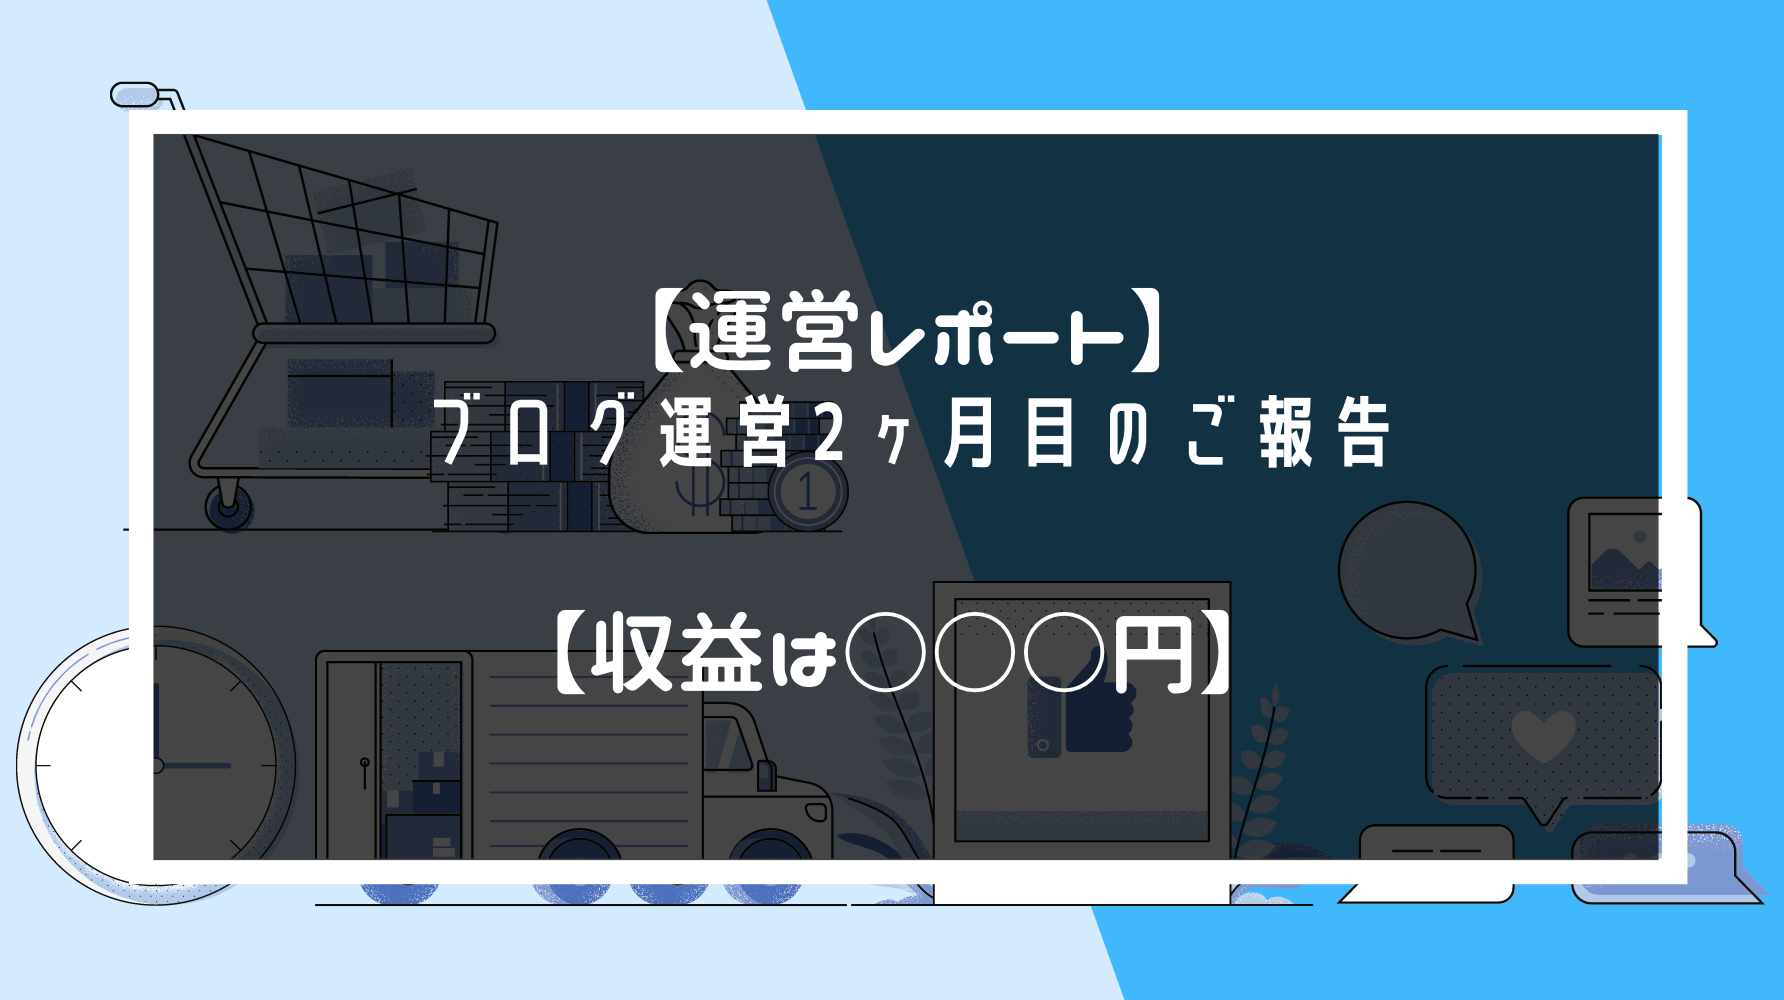 【運営レポート】ブログ運営2ヶ月目のご報告【収益は○○○円】